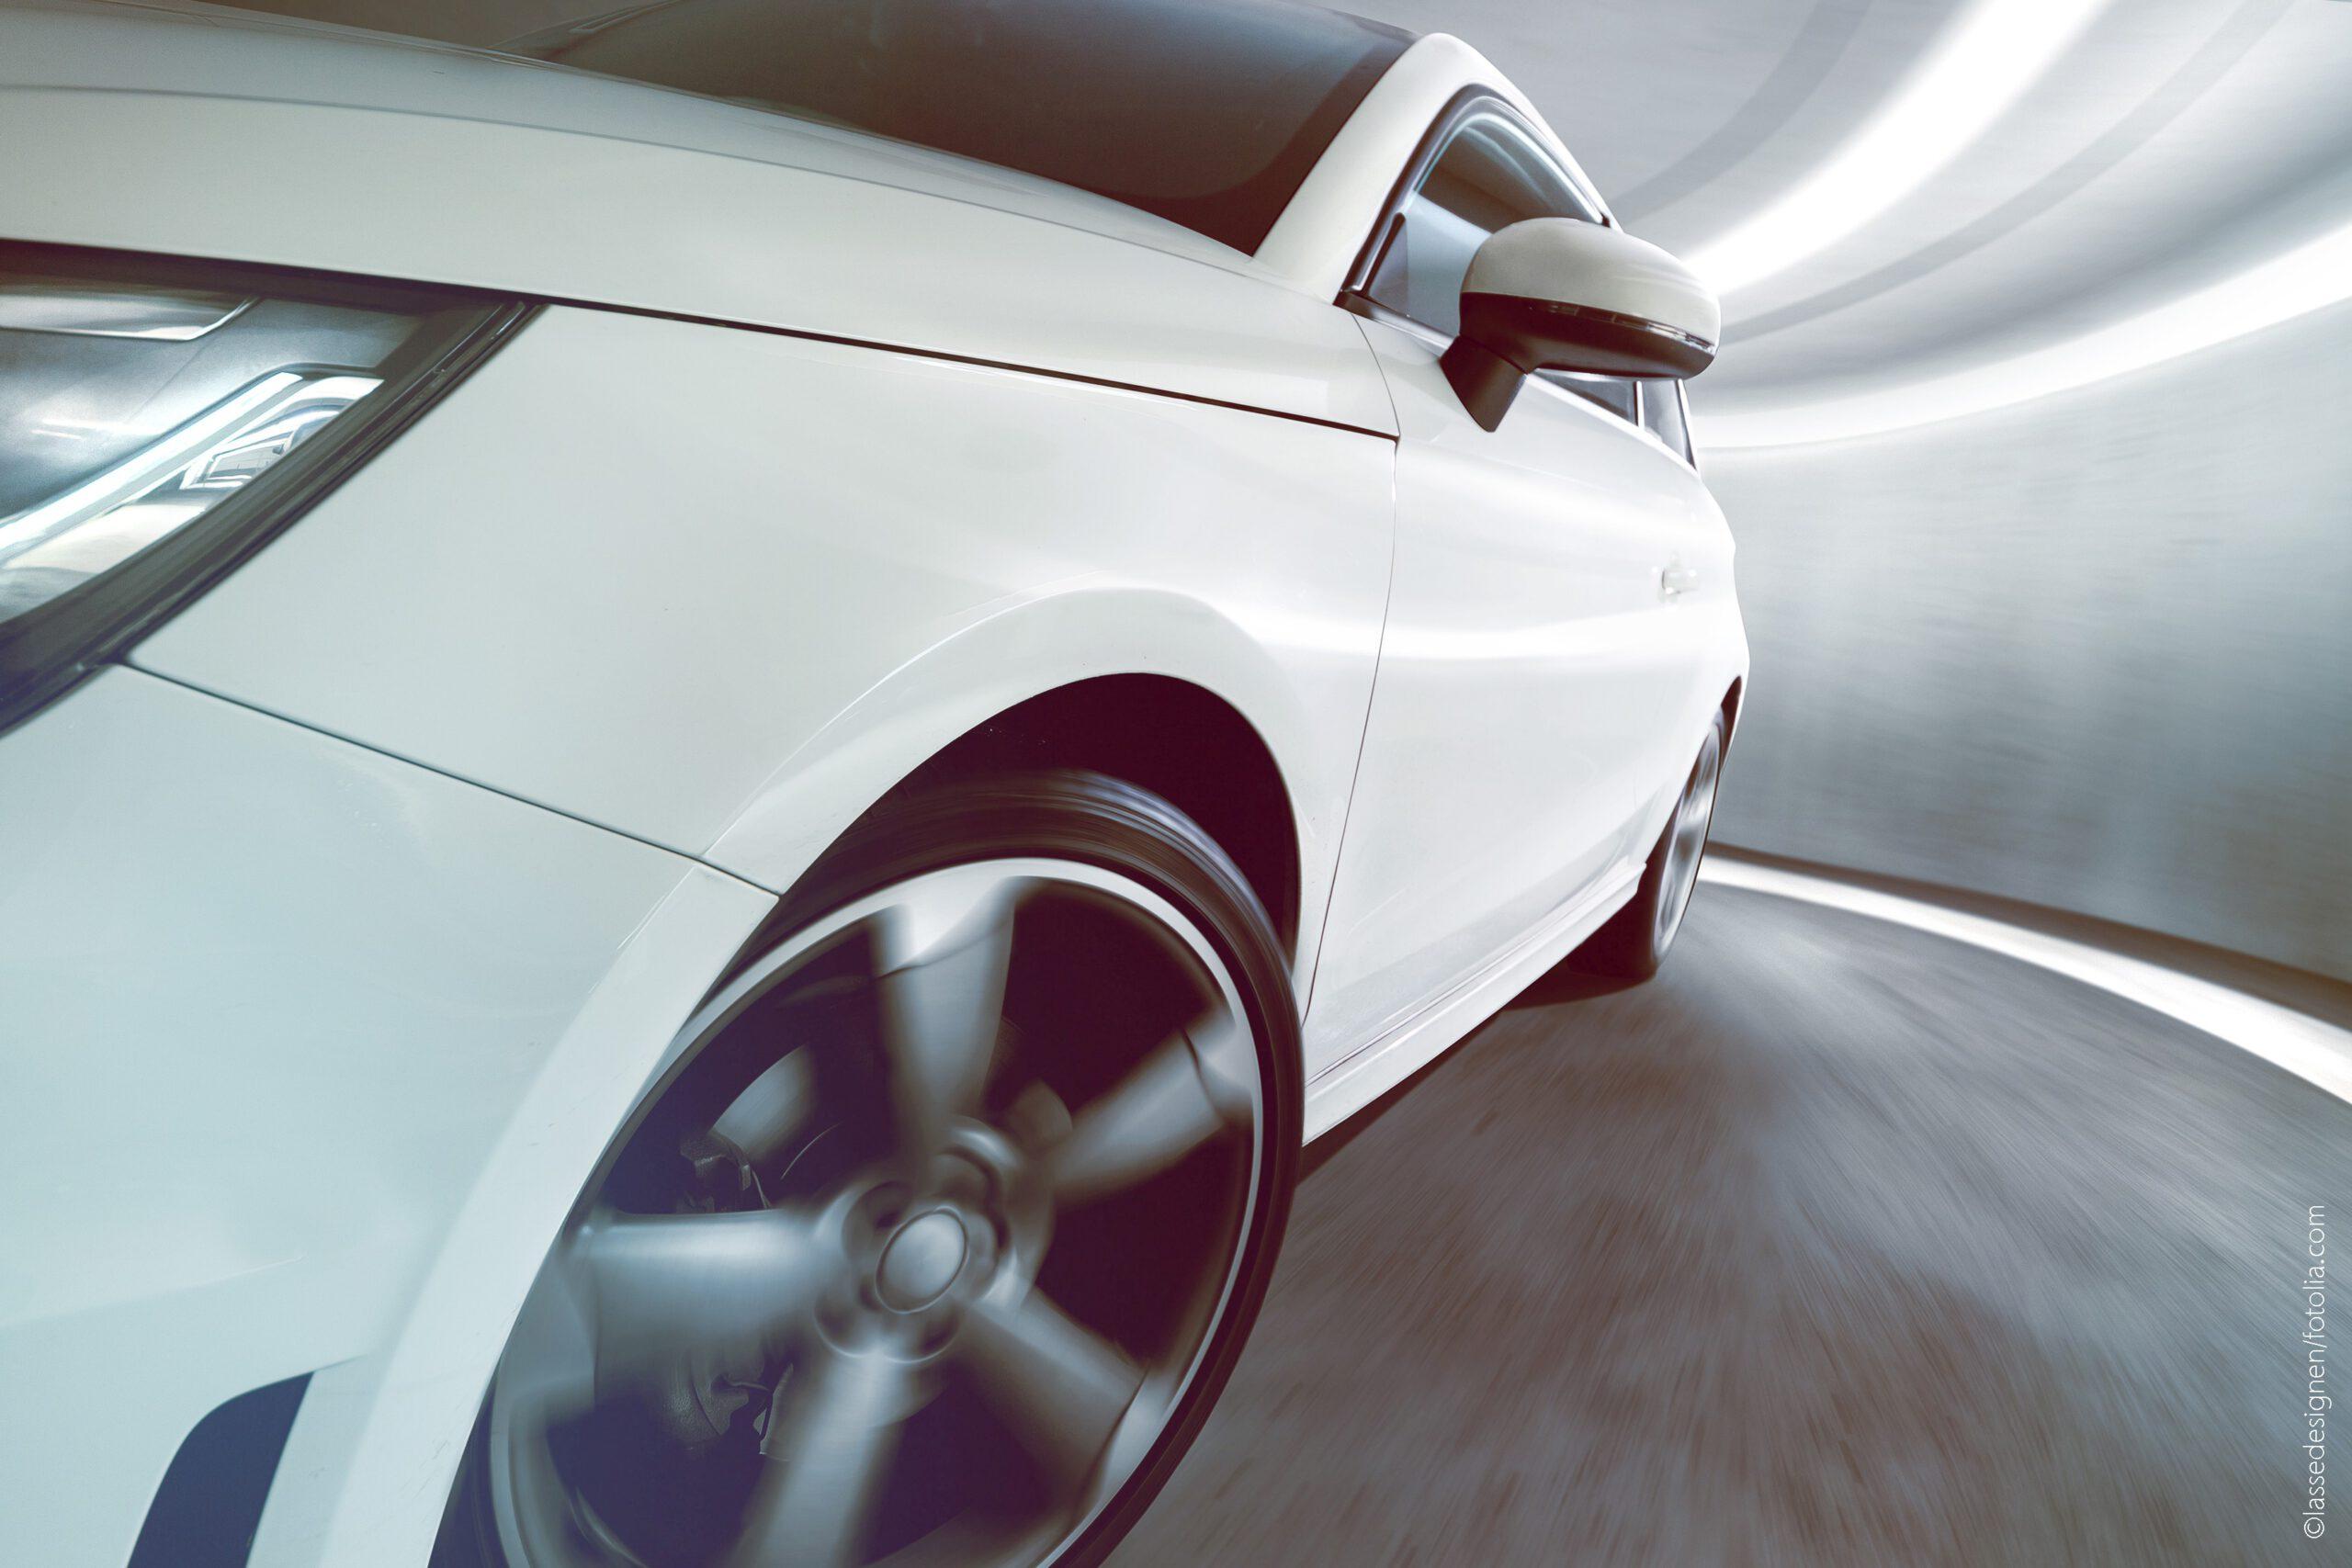 Das Reifen-Fahrbahn-Geräusch ist eine der Hauptkomponenten des Außengeräusches von Kraftfahrzeugen, da nicht nur die Antriebe von Elektrofahrzeugen, sondern auch moderne Verbrennungsmotoren immer leiser arbeiten. Bild: lassedesignen/fotolia.com